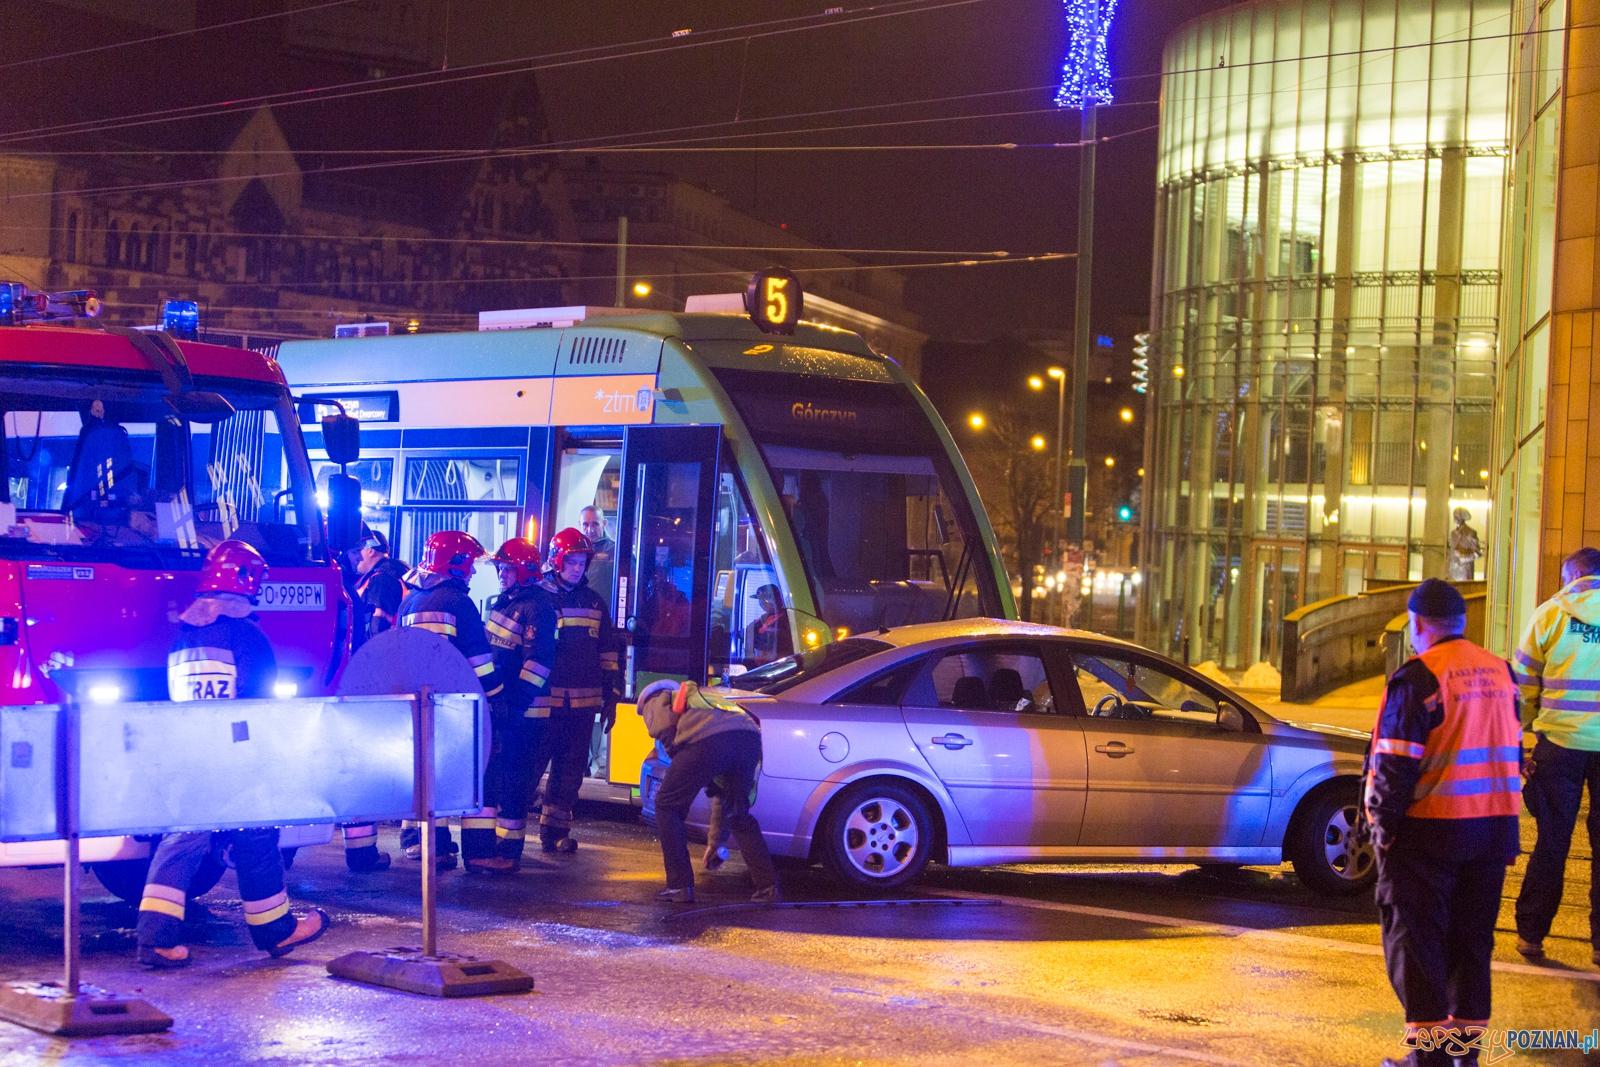 Wypadek na ulicy Święty Marcin  Foto: lepszyPOZNAN.pl / Piotr Rychter